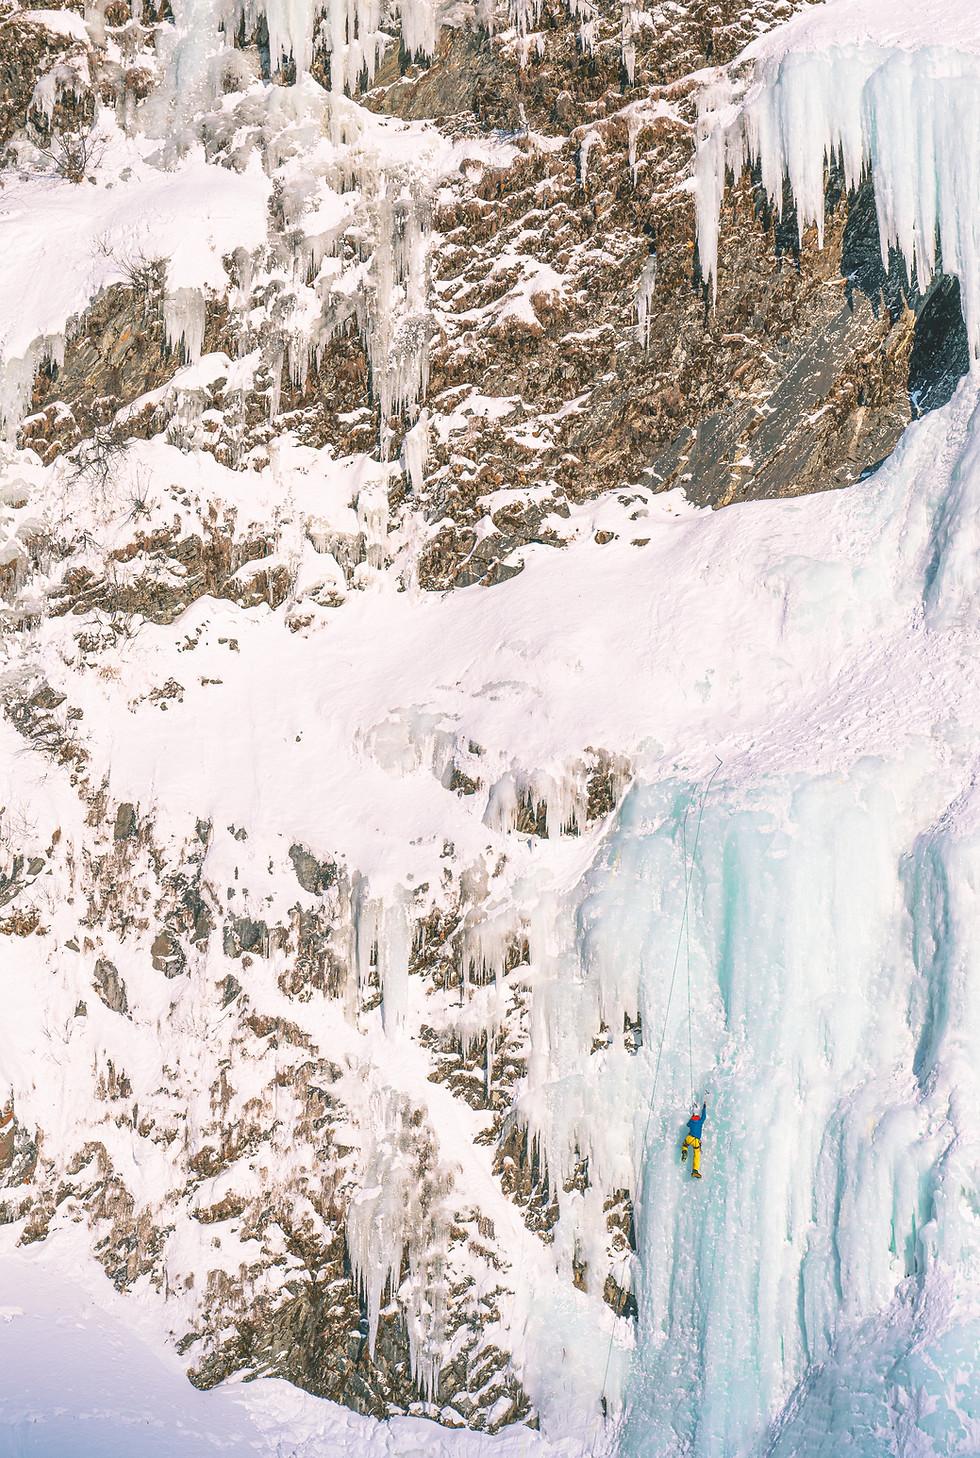 Valdez Ice Fest 2020 1